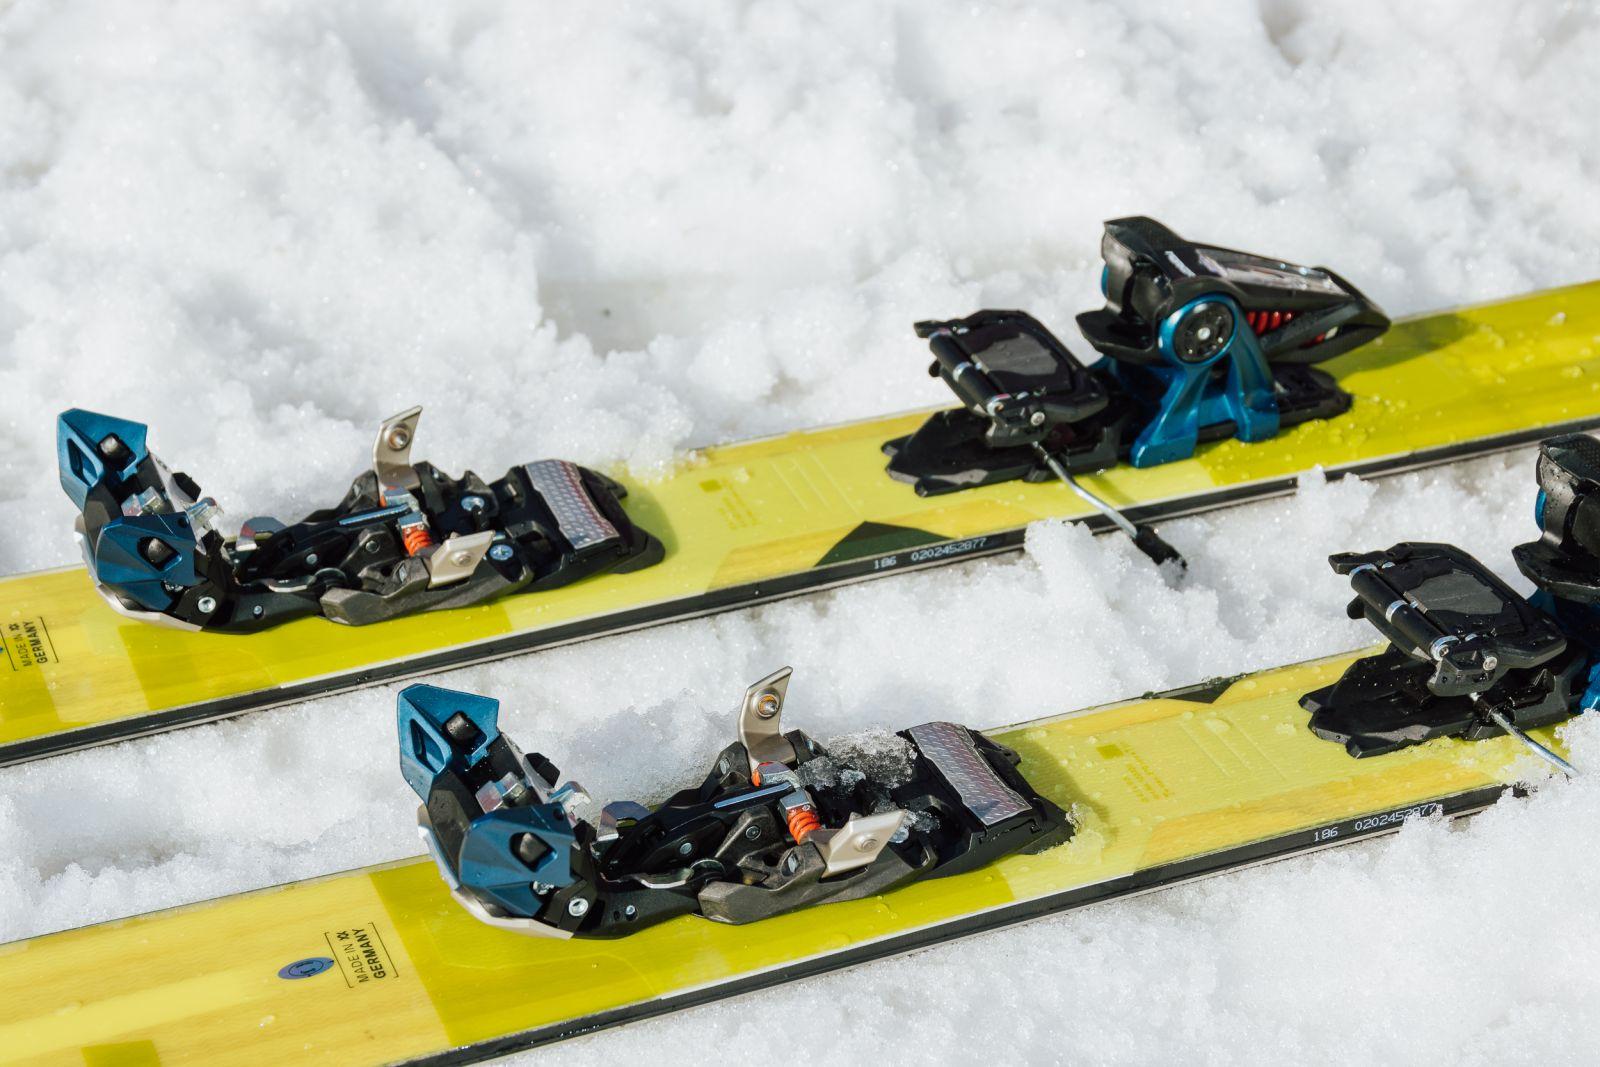 Marker Duke PT 16 on snow